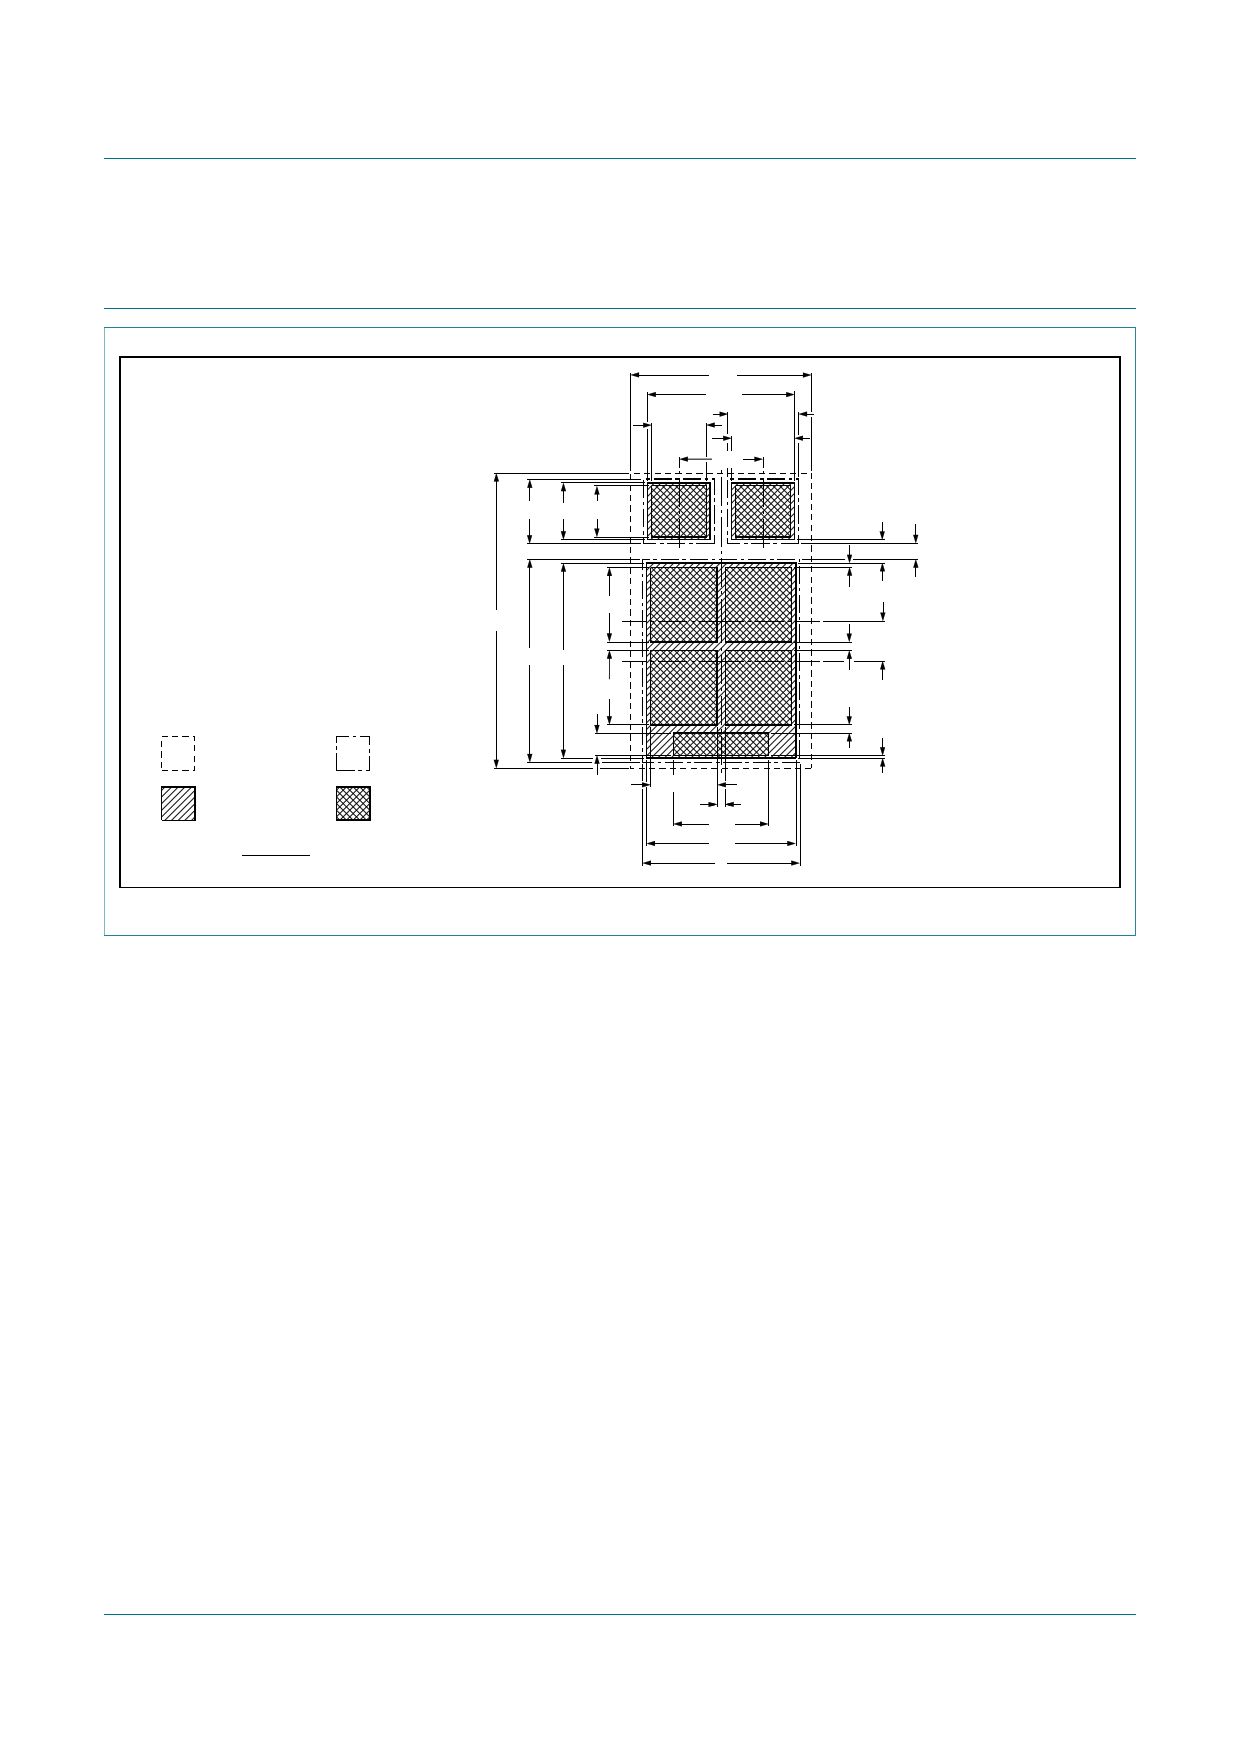 PMEG045V100EPD pdf